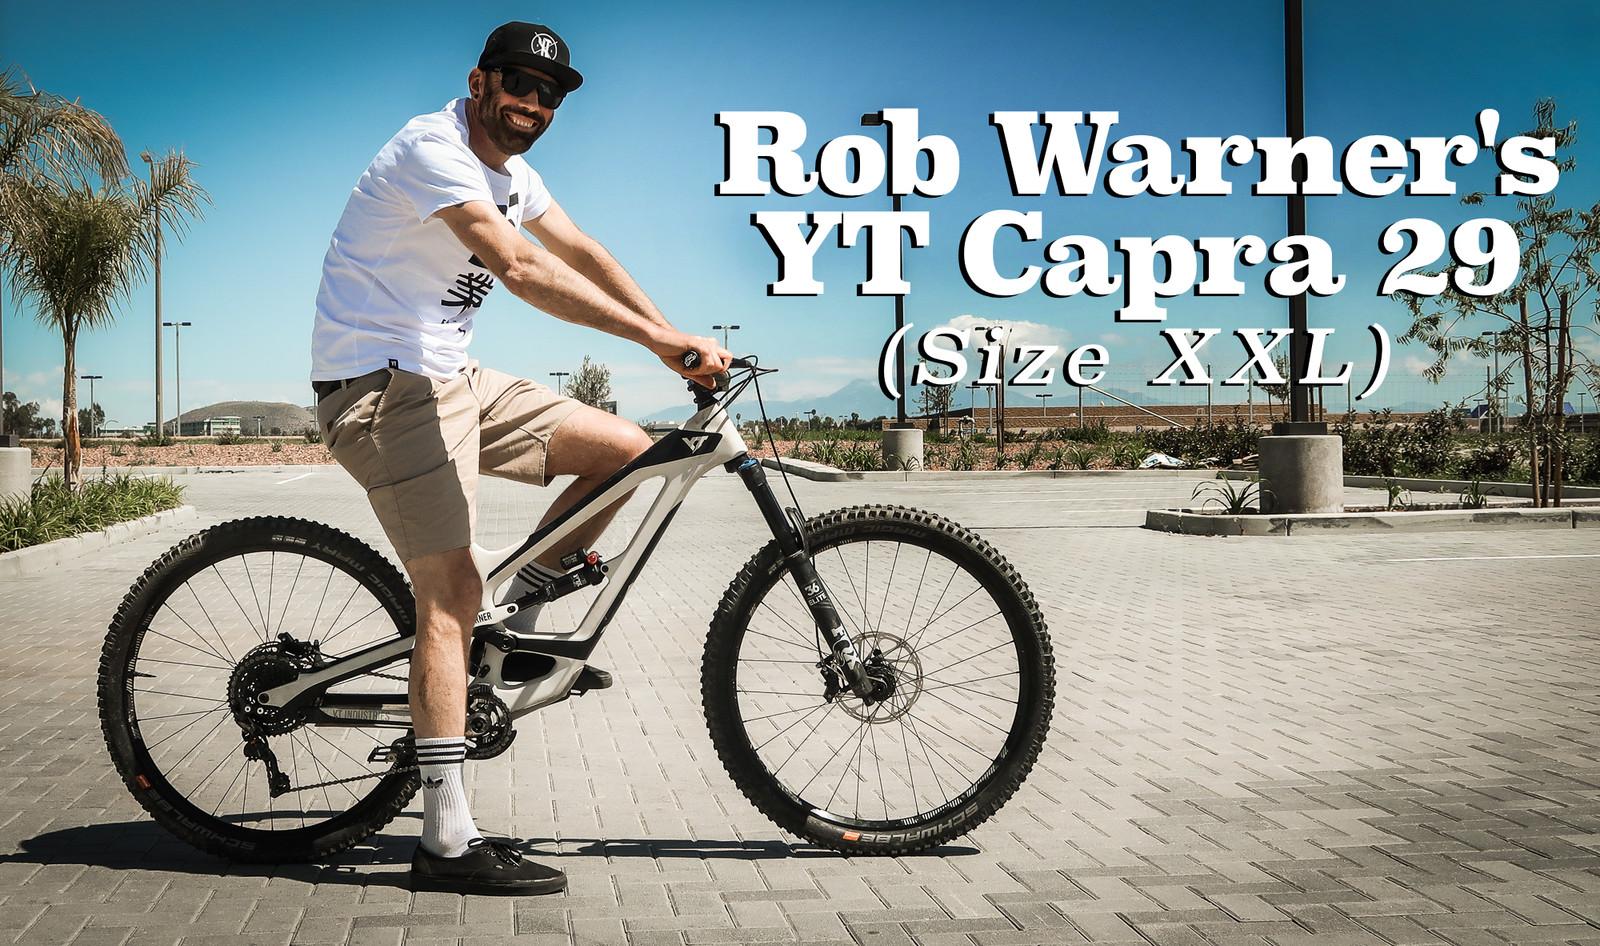 Rob Warner's YT Capra 29, Size XXL